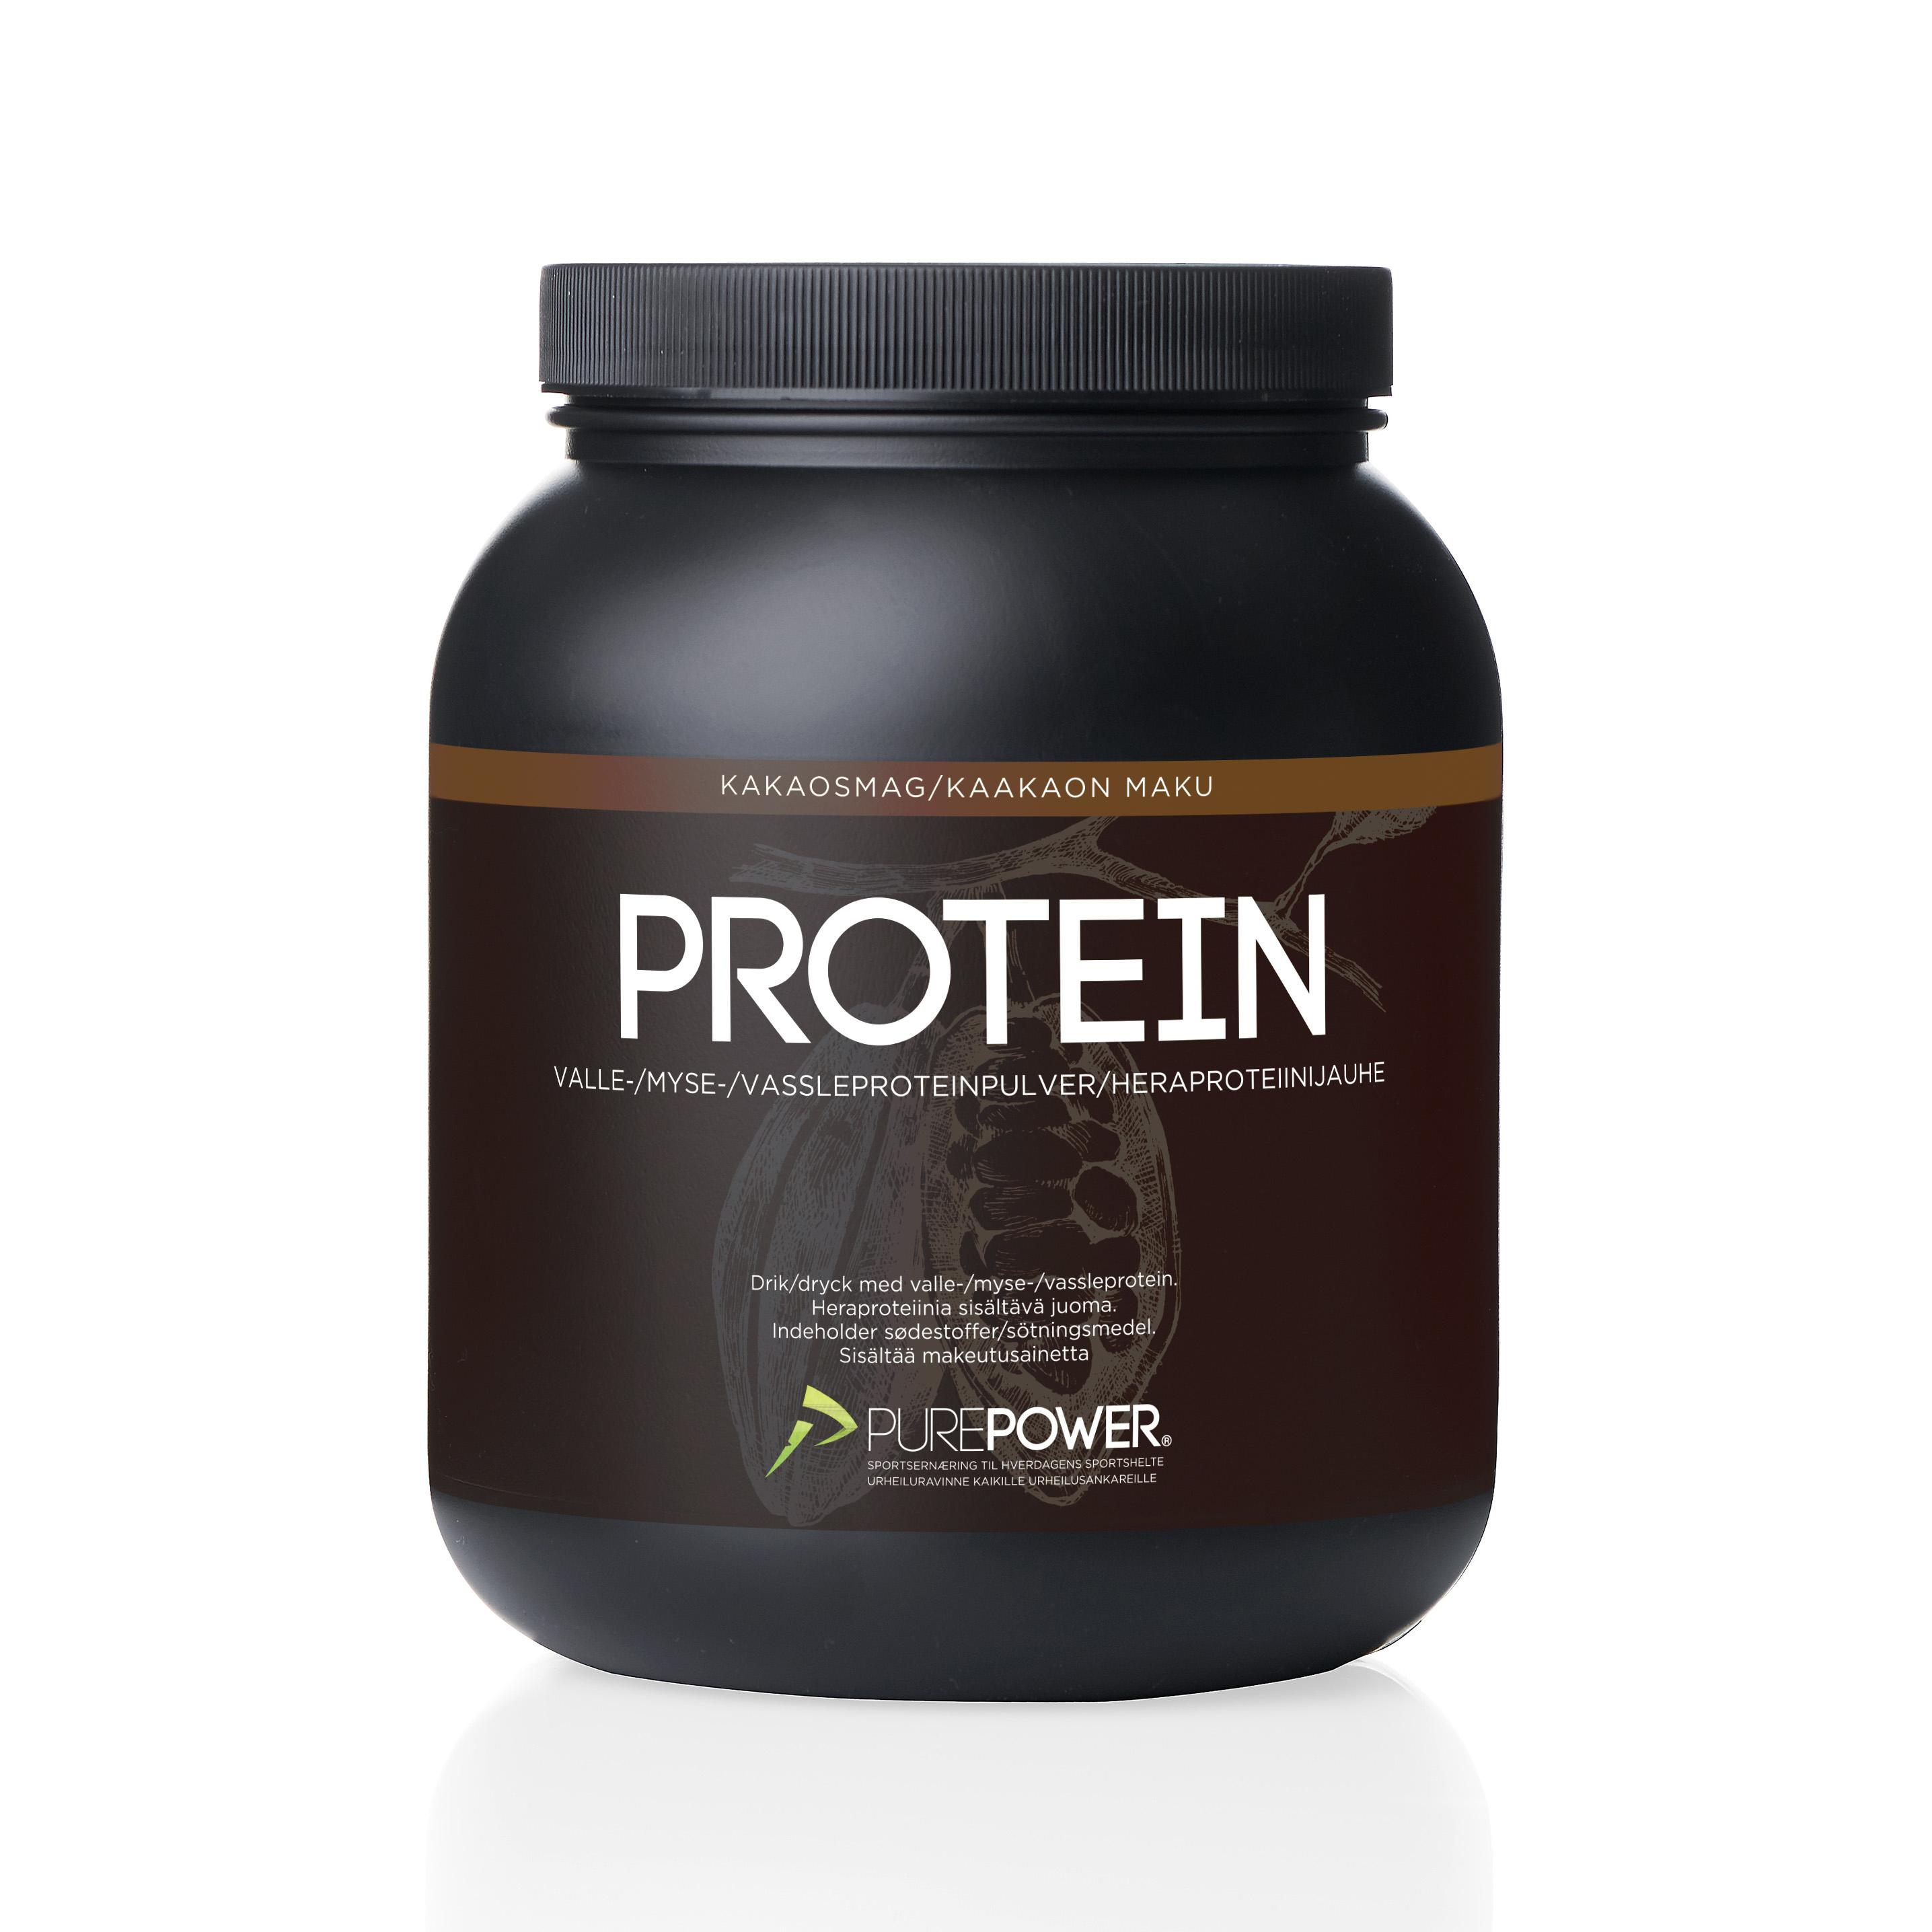 Purepower Proteinpulver - 1000g - Chokolade - 6942300   Proteinbar og -pulver